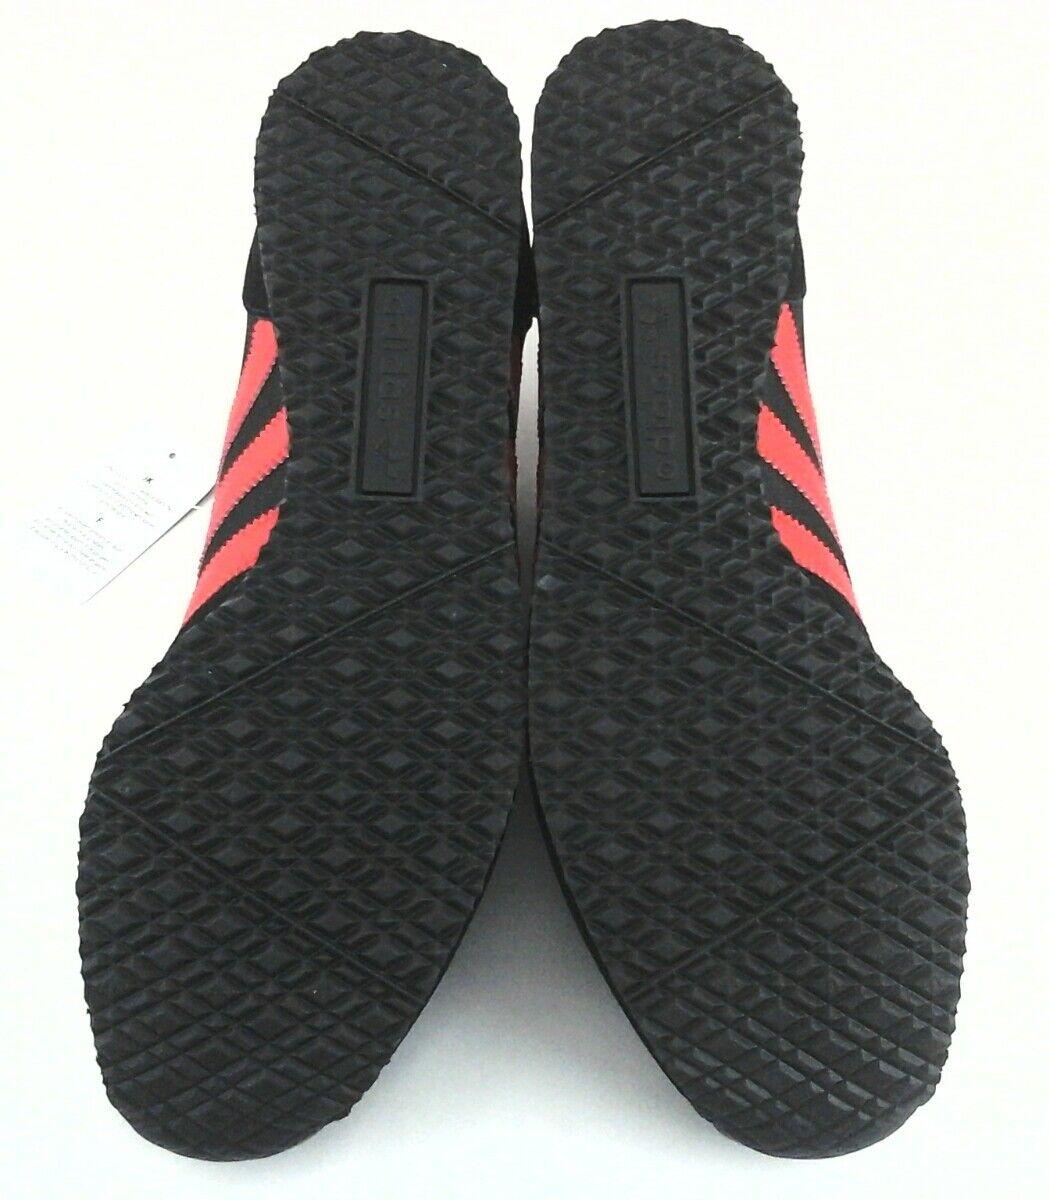 4b27ee302304e Adidas Originals S80037 Men s ZX RACER Retro Shoes Black Red US 11 EU 45  1 3 New